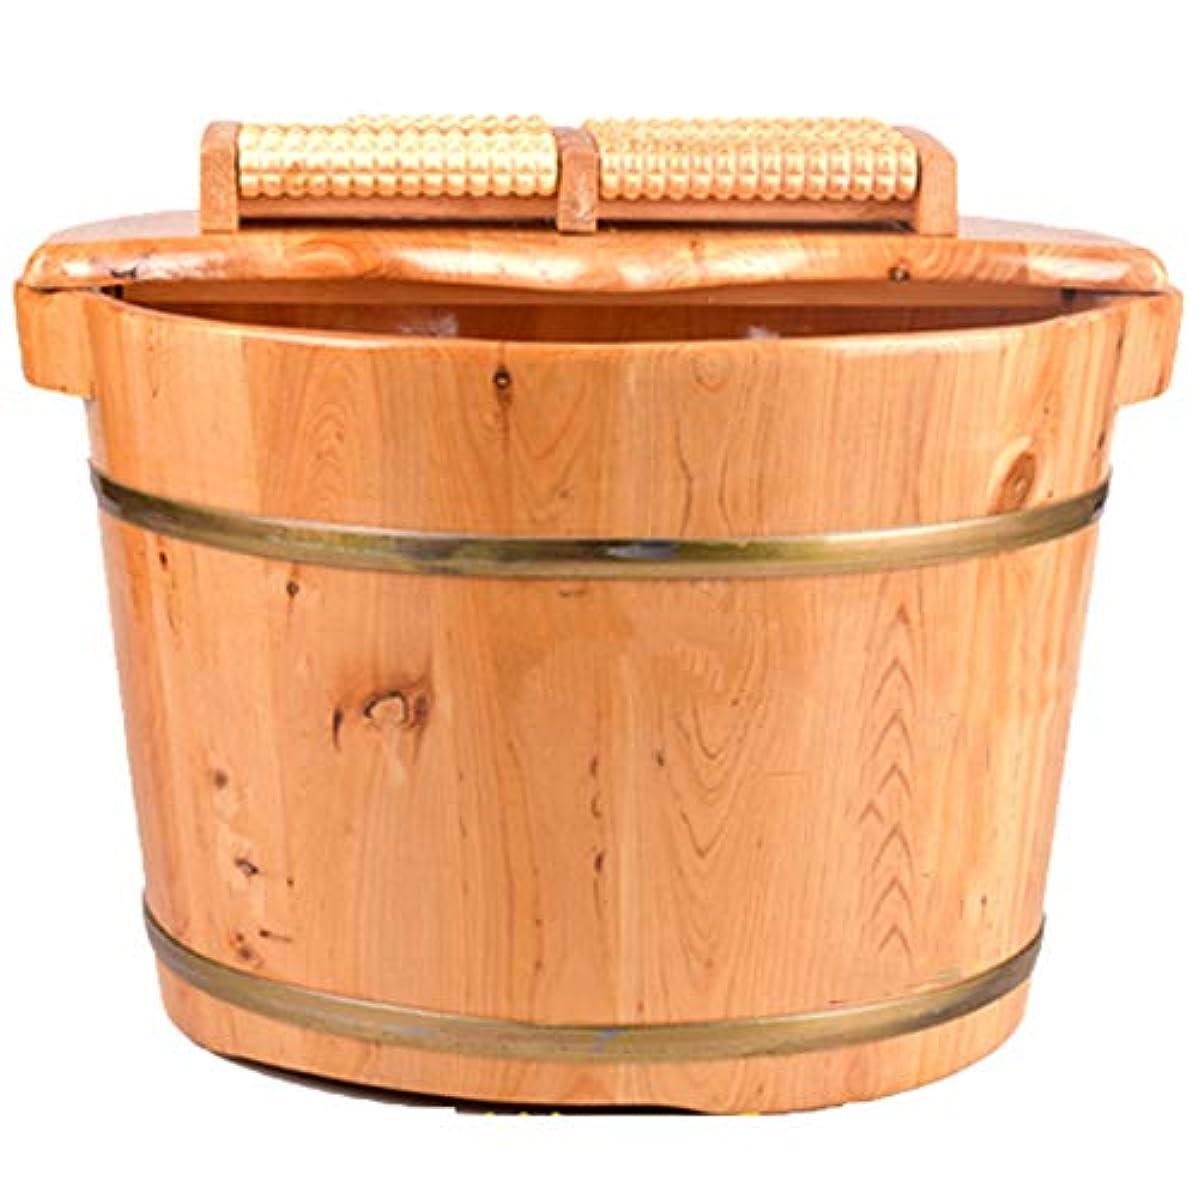 子供時代受賞オーチャードペディキュア盆地,軽量の木製家庭の木製の樽の足湯バスソリッドウッドの木管大人のトランペット